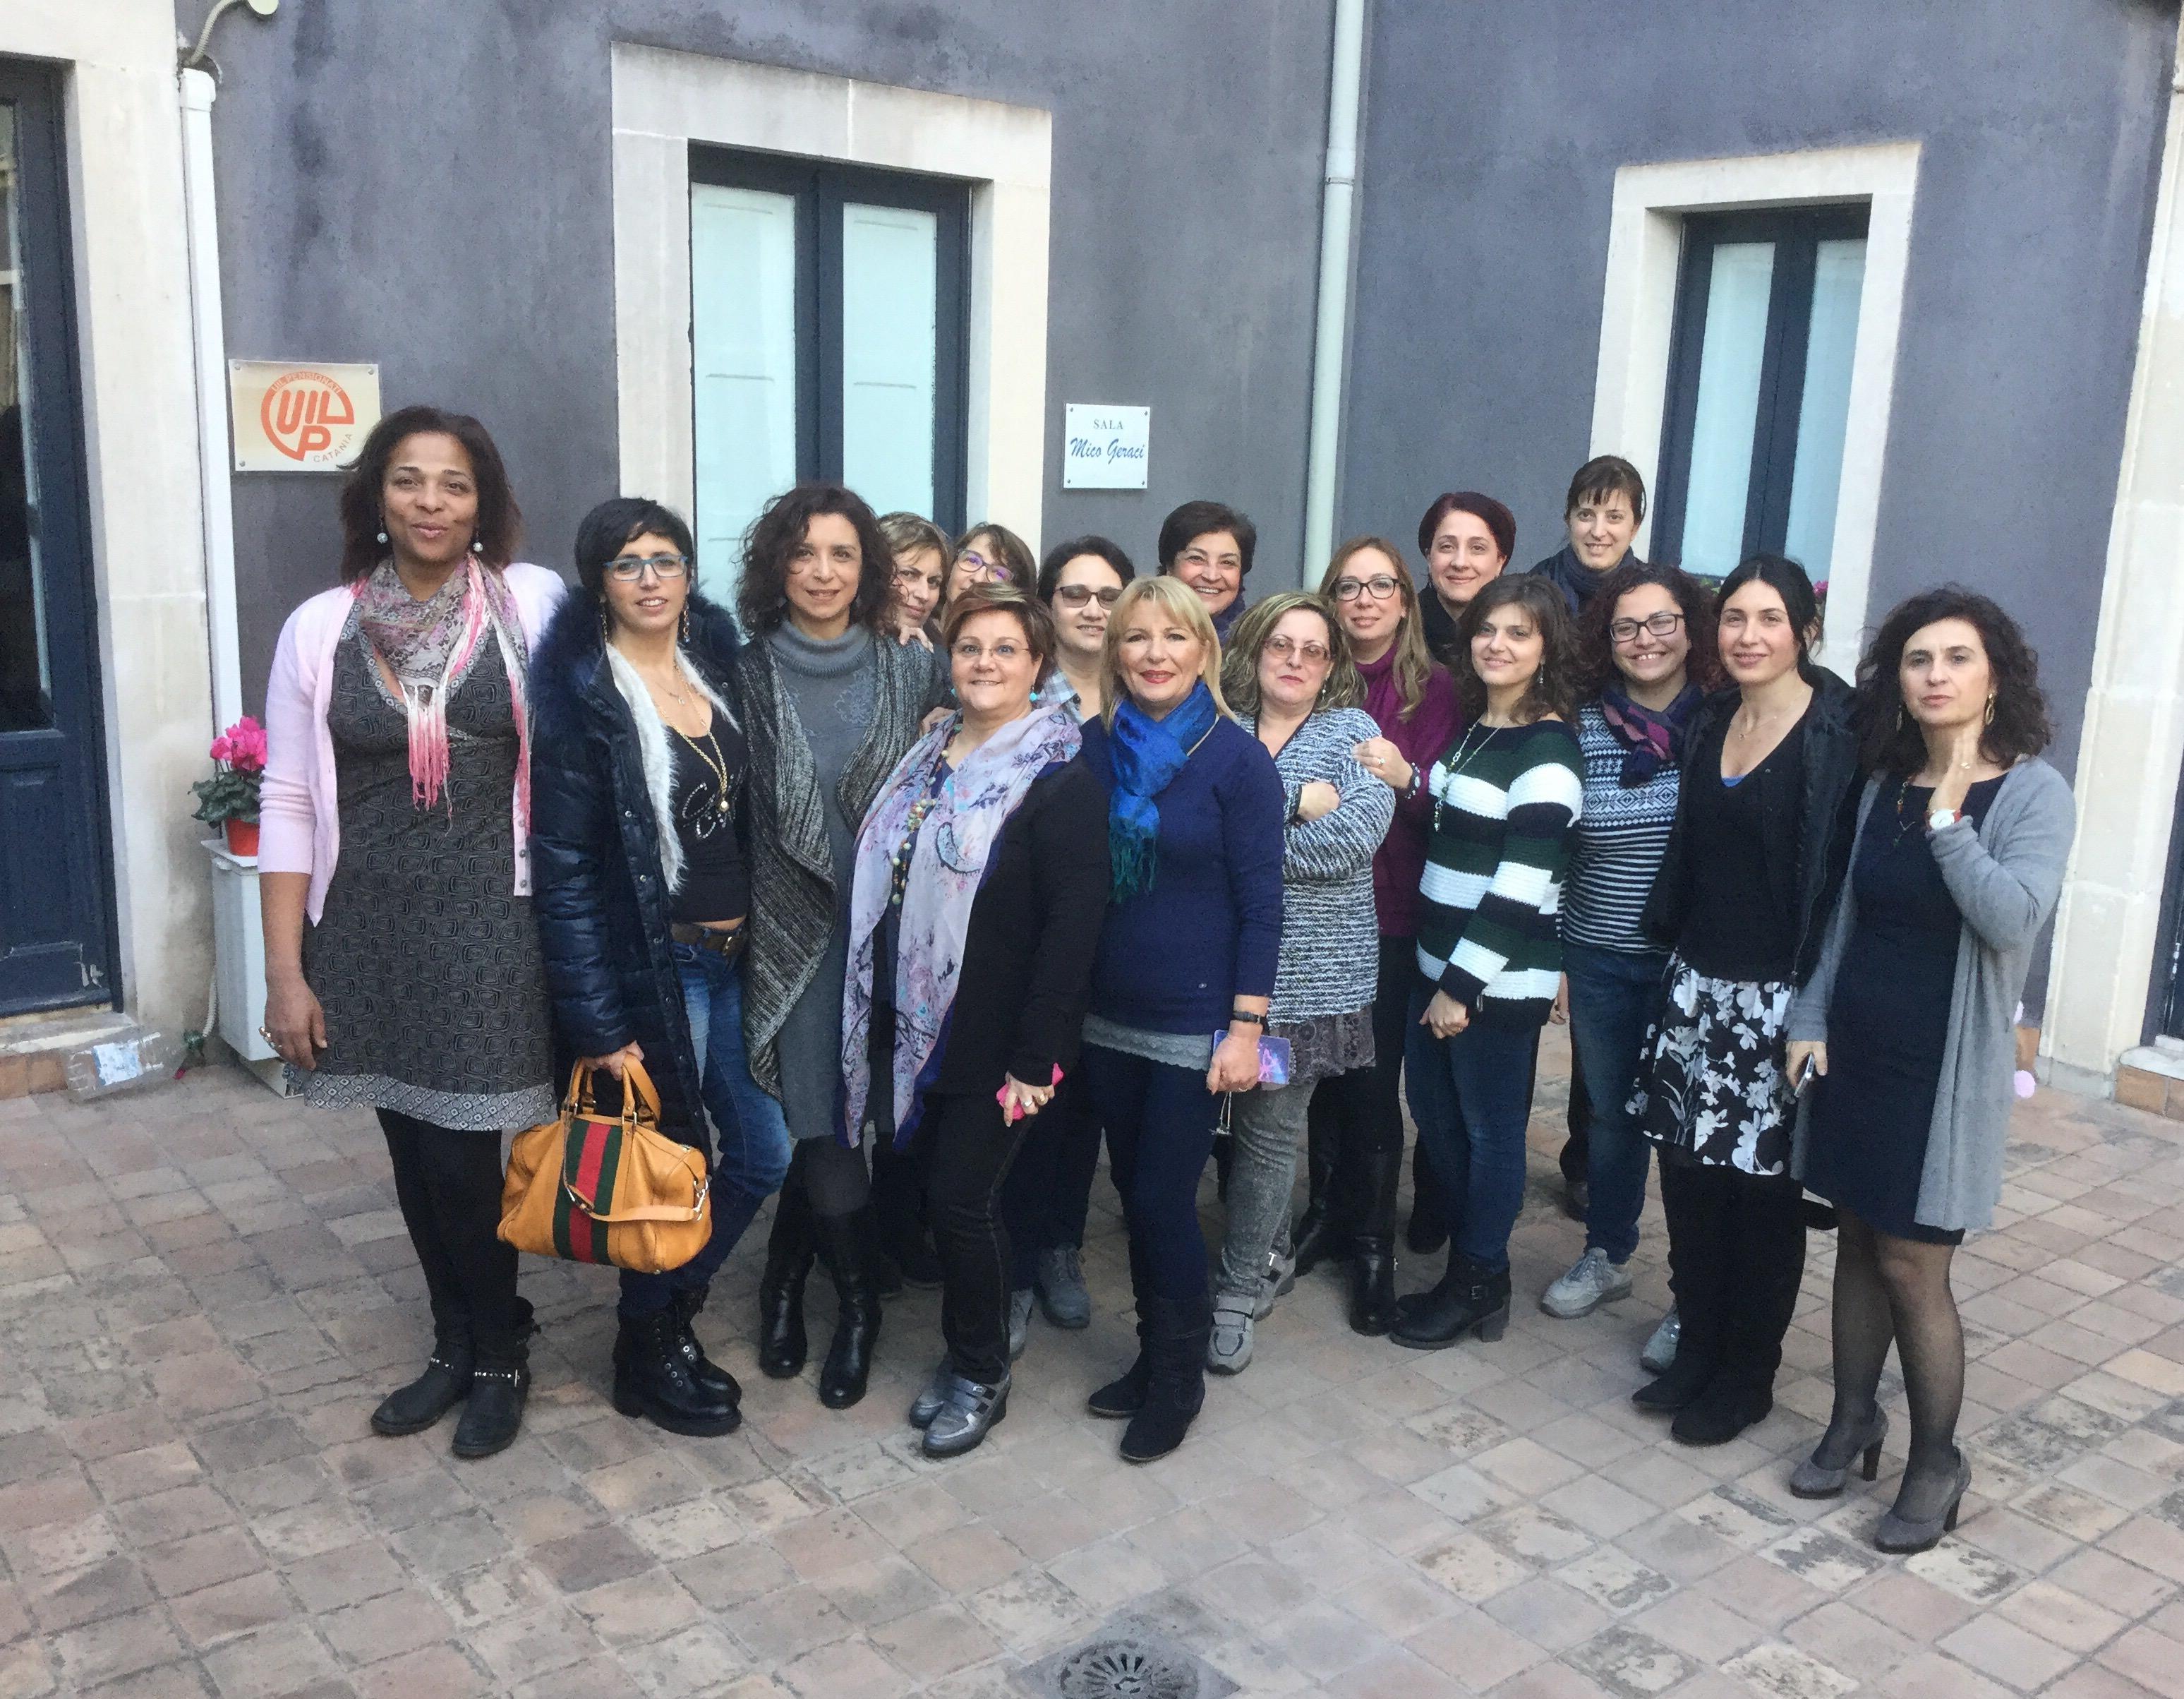 """Oltre 40 partecipanti al concorso """"Donne in 3 click"""" organizzato dalla Uil di Catania"""